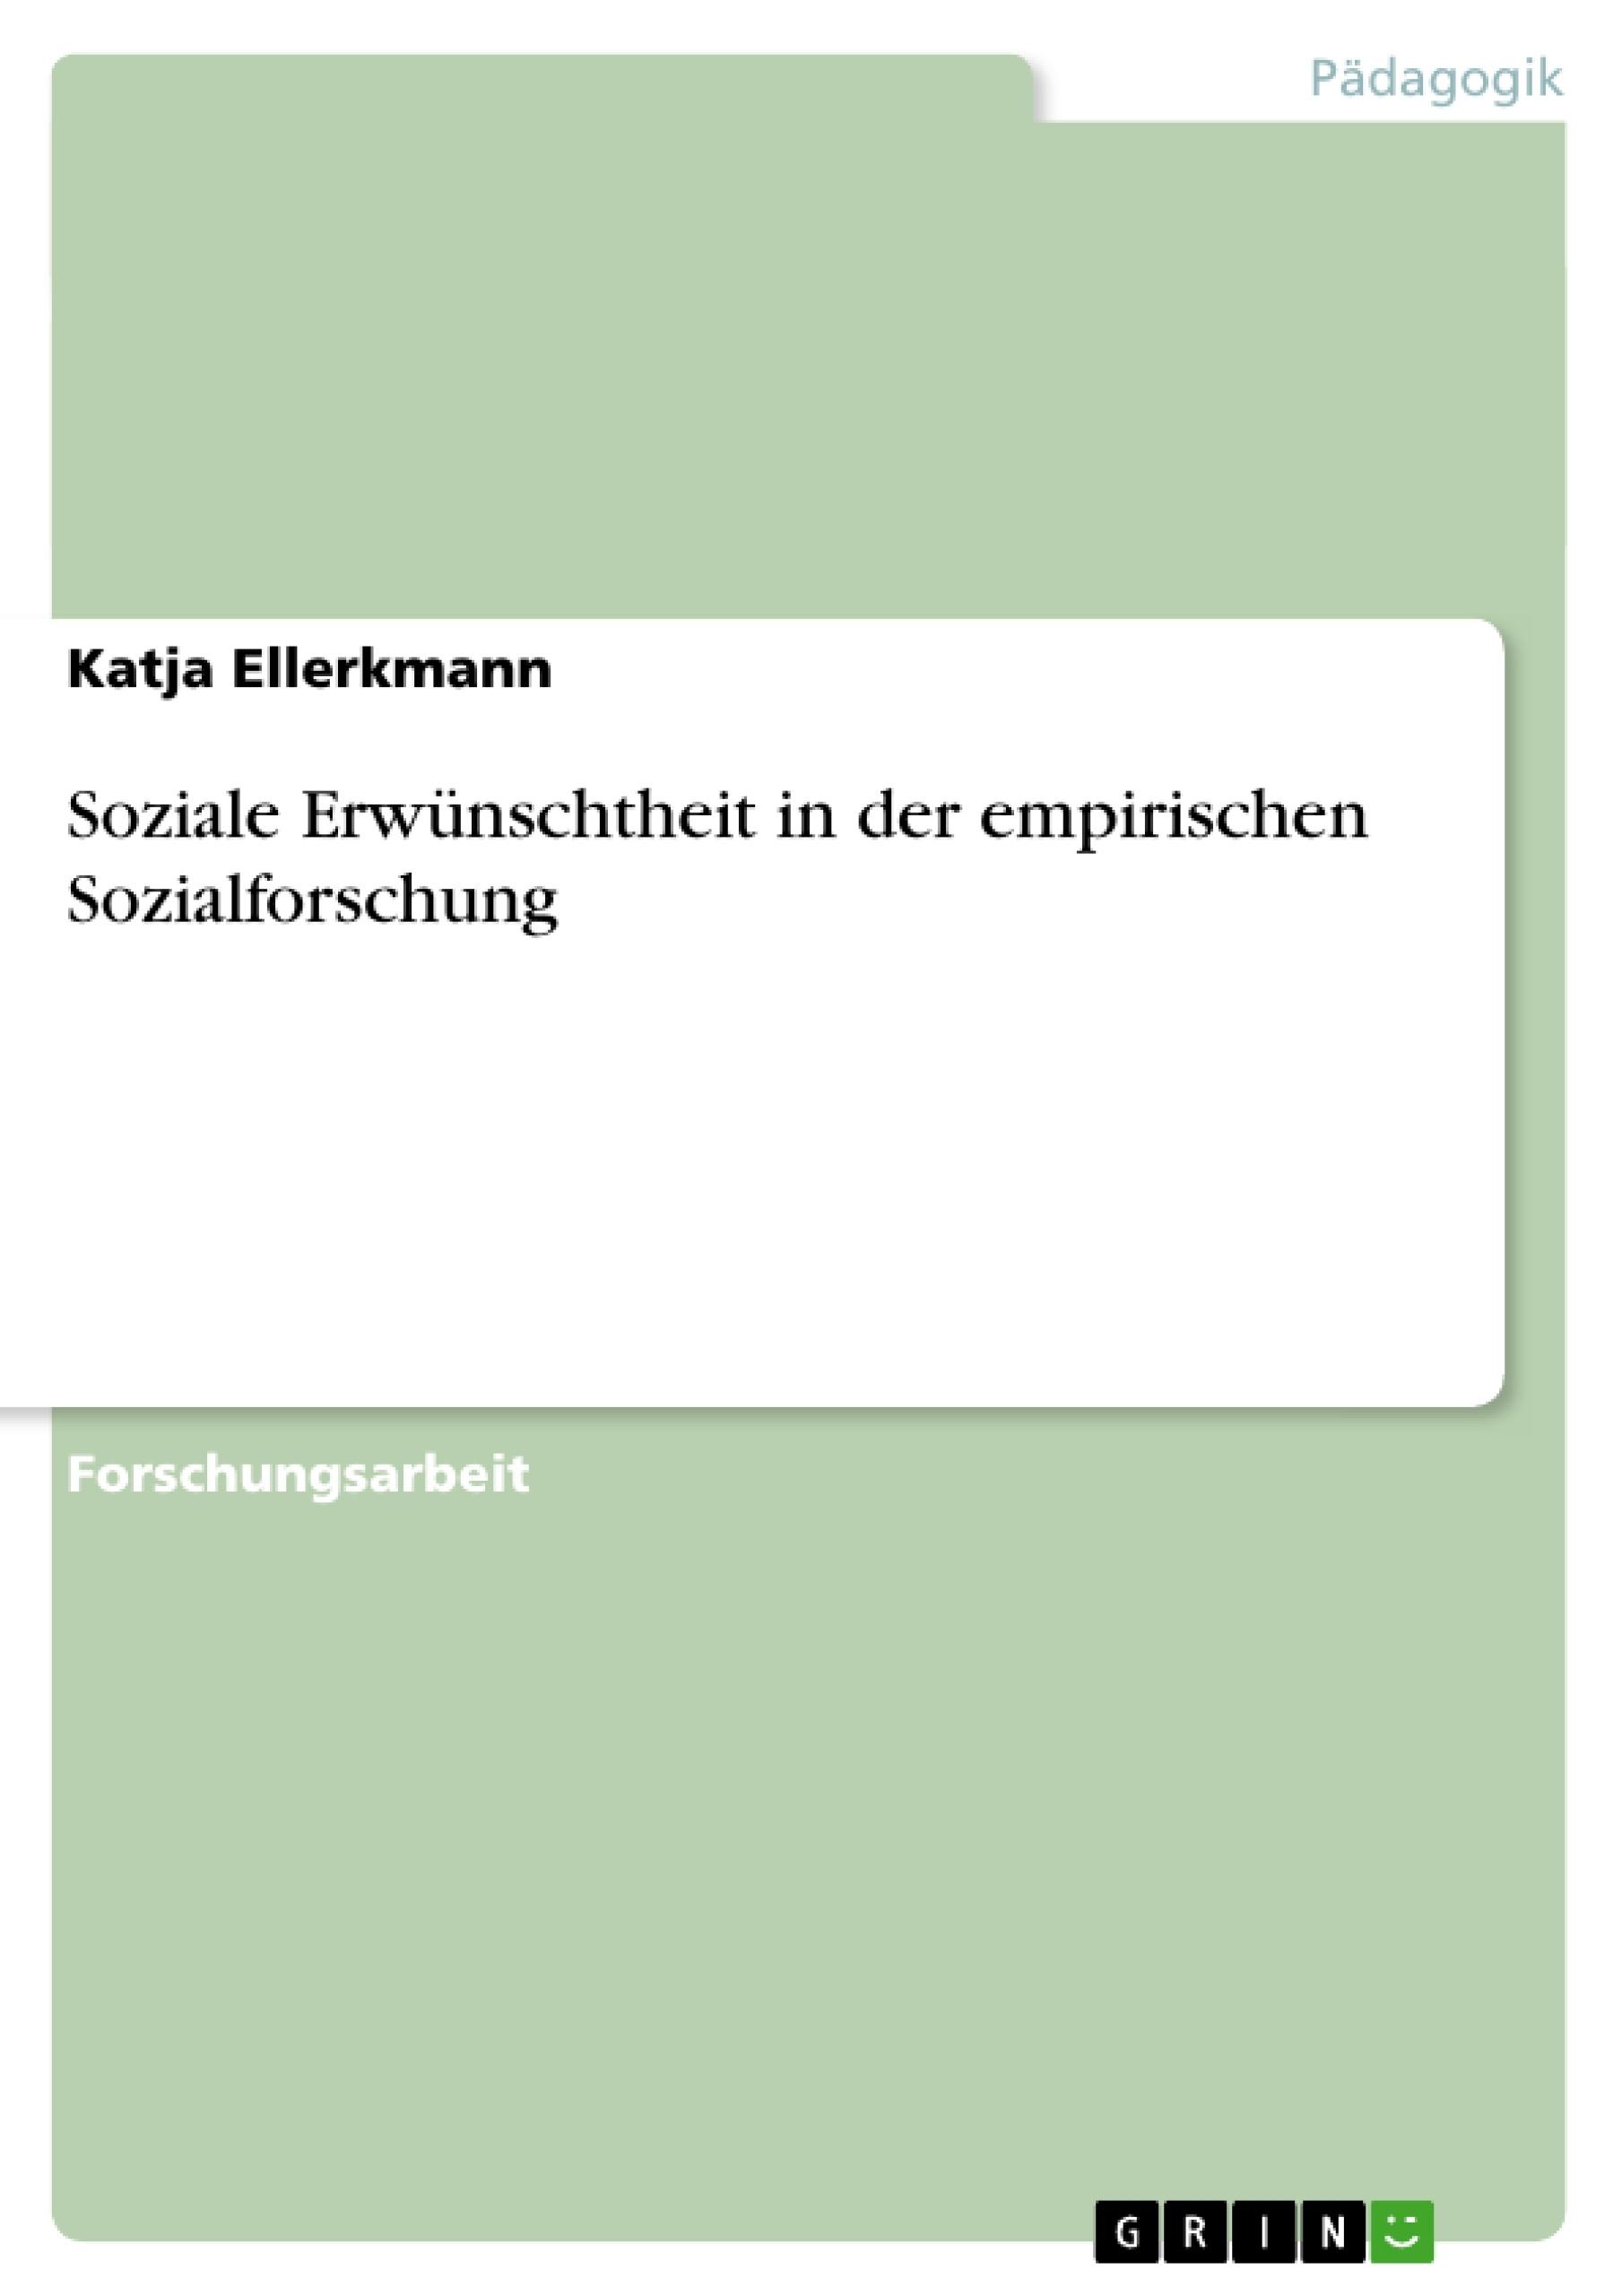 Titel: Soziale Erwünschtheit in der empirischen Sozialforschung